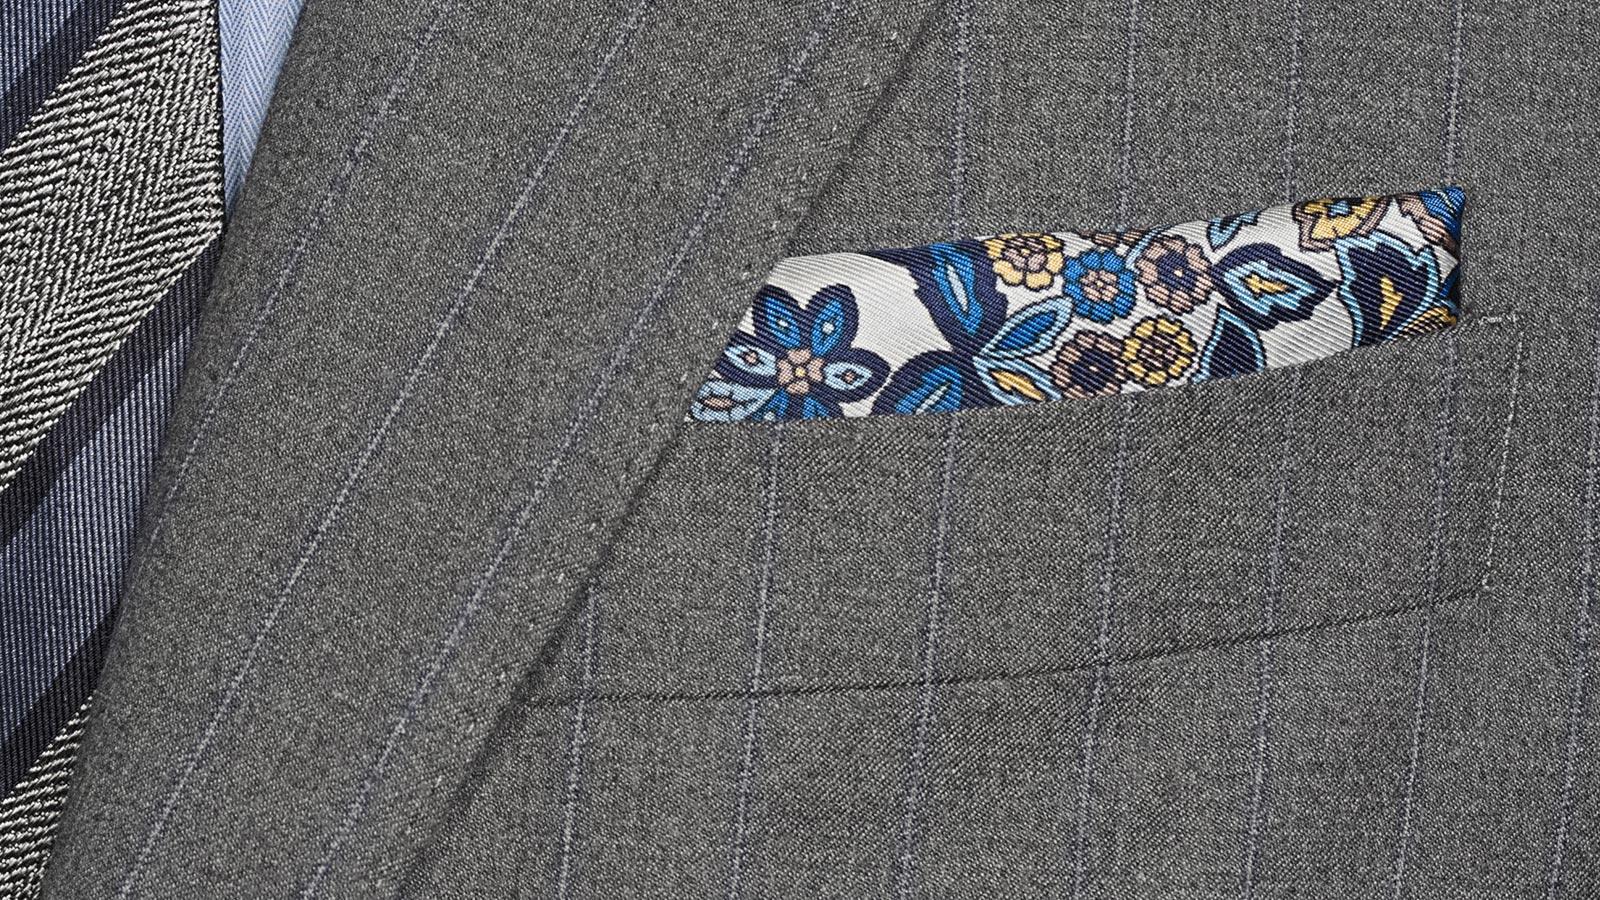 Sartorial Blue Stripe Grey 160s Suit - slider image 1